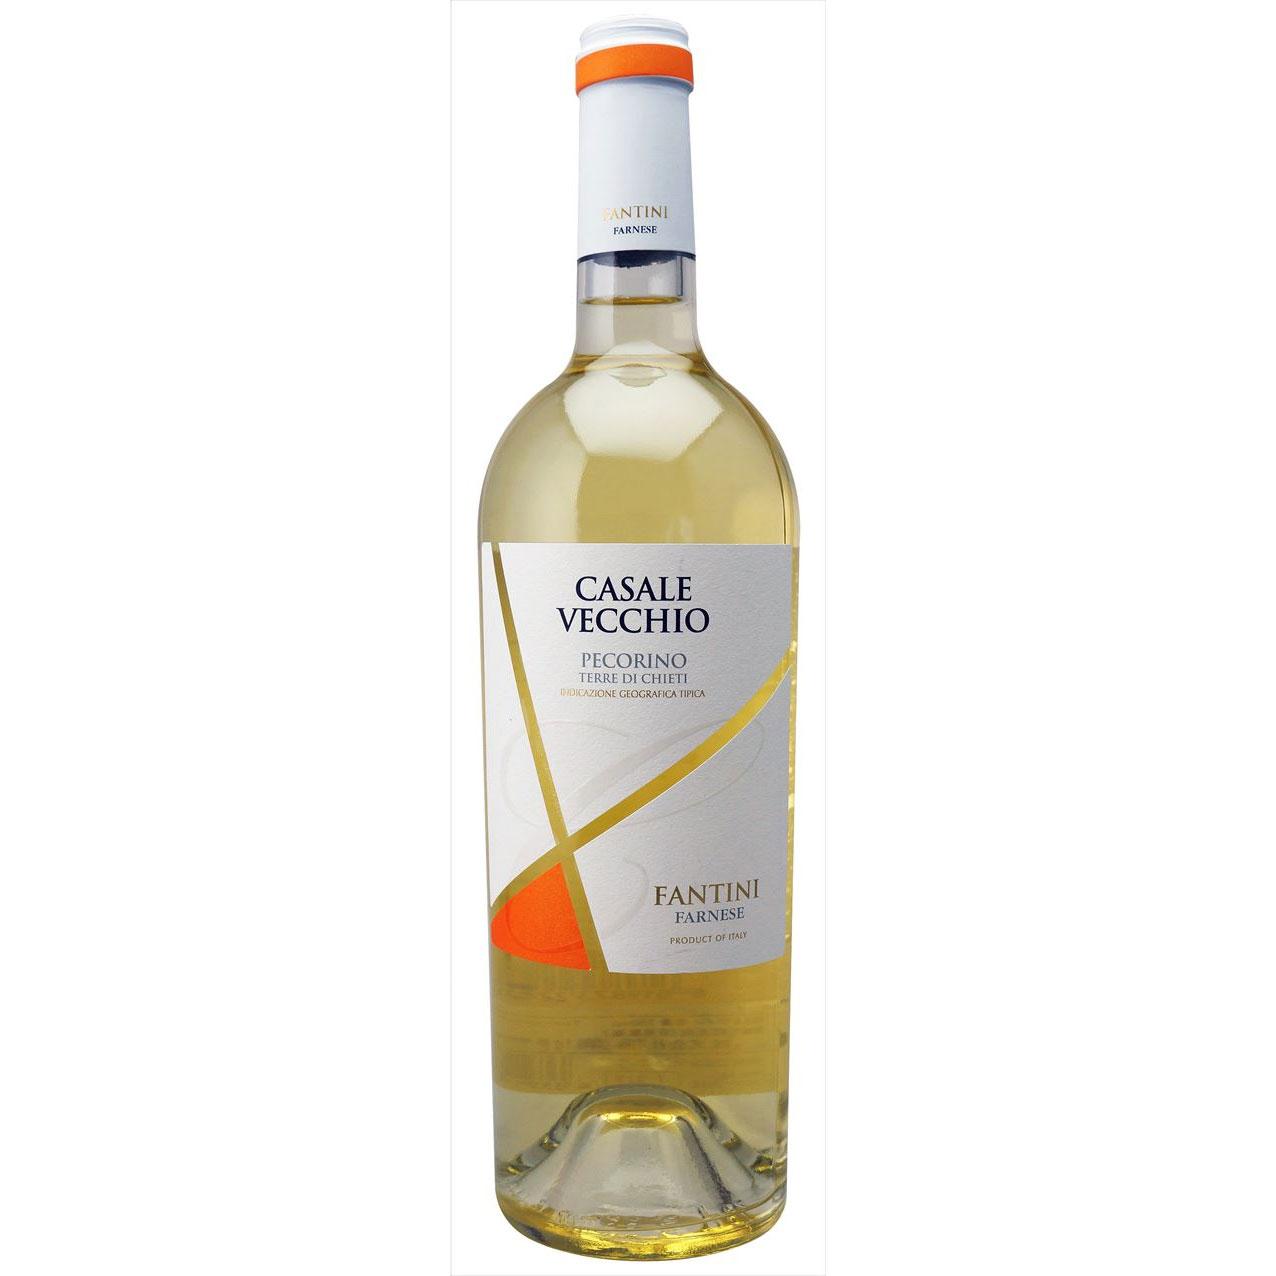 【ラッキーシール対応】お歳暮 ギフト カサーレ ヴェッキオ ペコリーノ  ファルネーゼ 白 750ml 12本 イタリア アブルッツォ 白ワイン 送料無料 コンビニ受取対応商品 ヴィンテージ管理しておりません、変わる場合があります